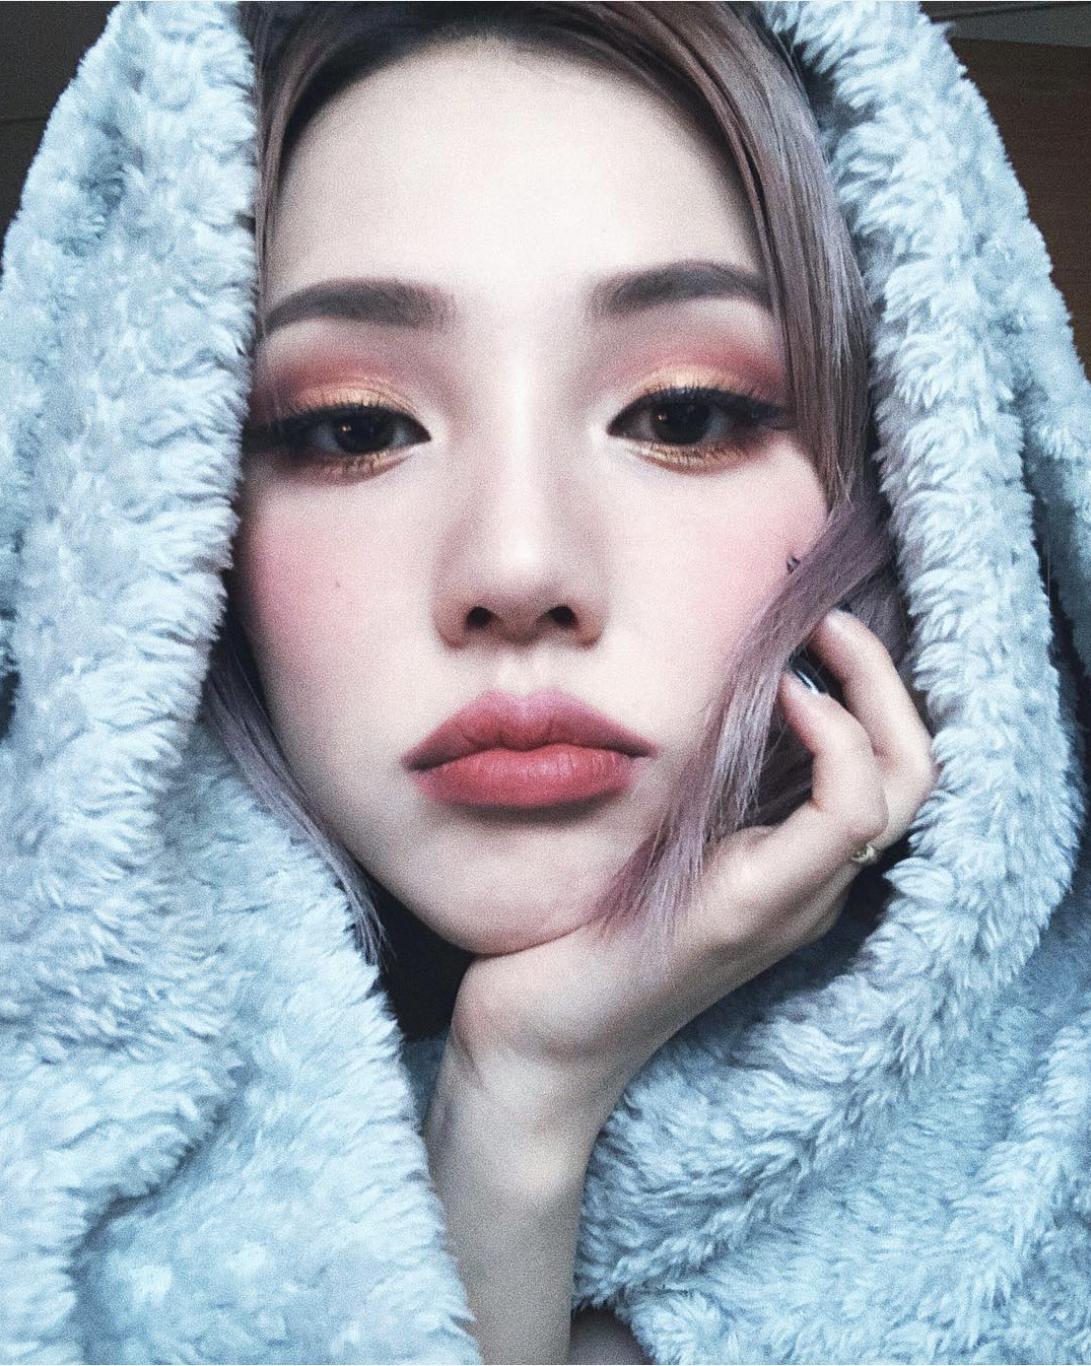 Pin by 一期一会 on Hair/ Makeup Pony makeup, Asian makeup